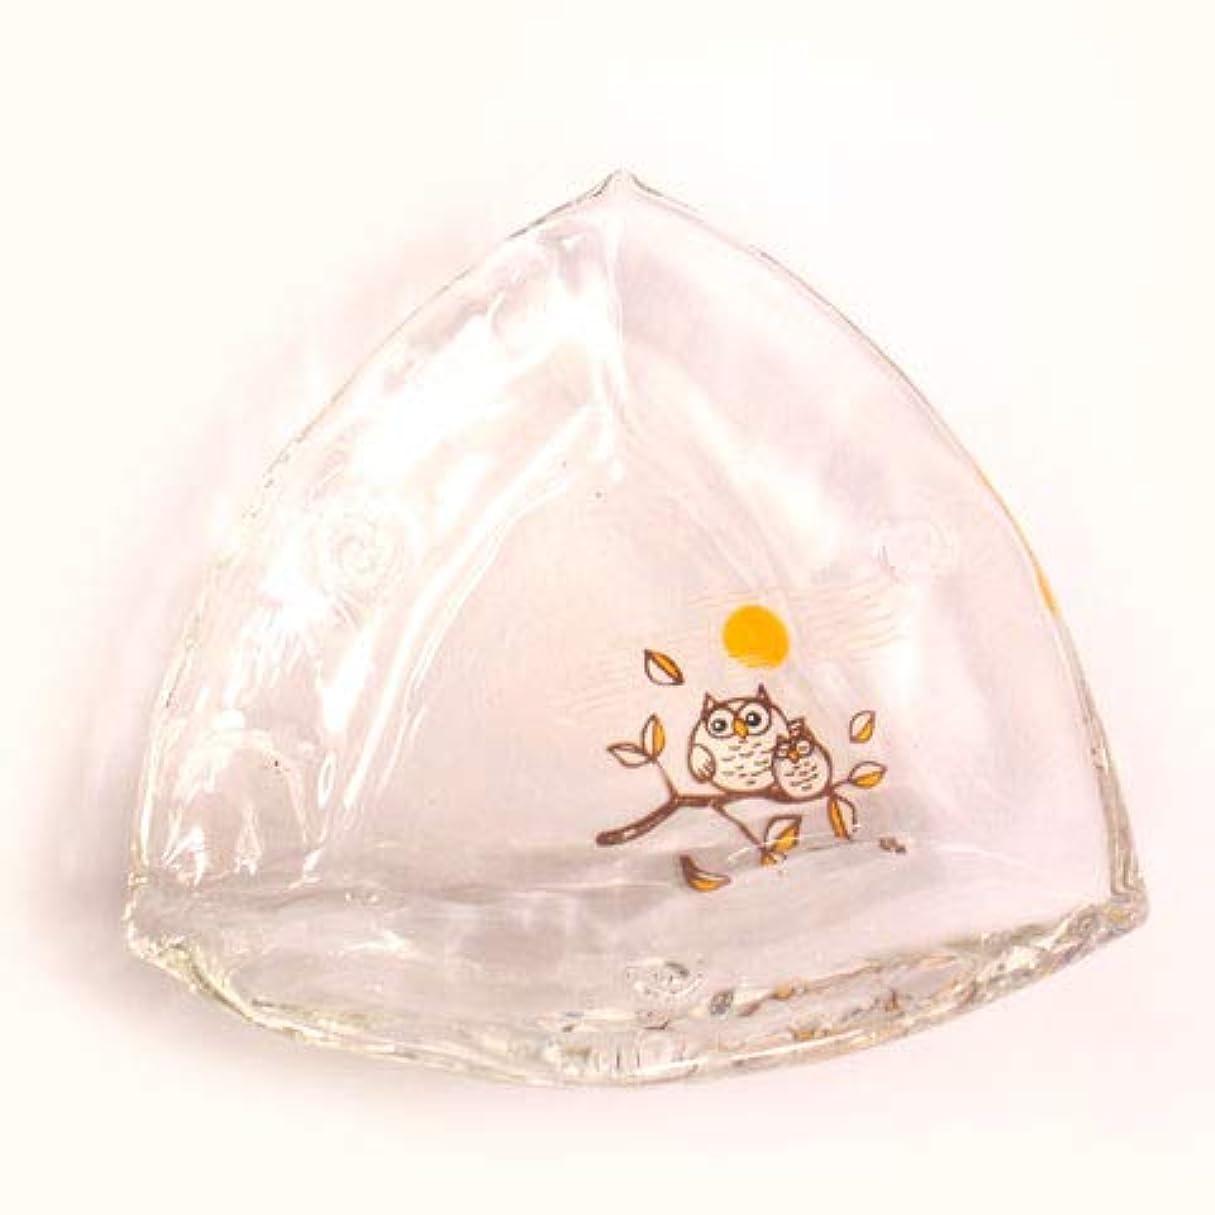 であること降臨スムーズにミニガラス皿【三角小皿?梟ふくろう】小物入れ インテリア